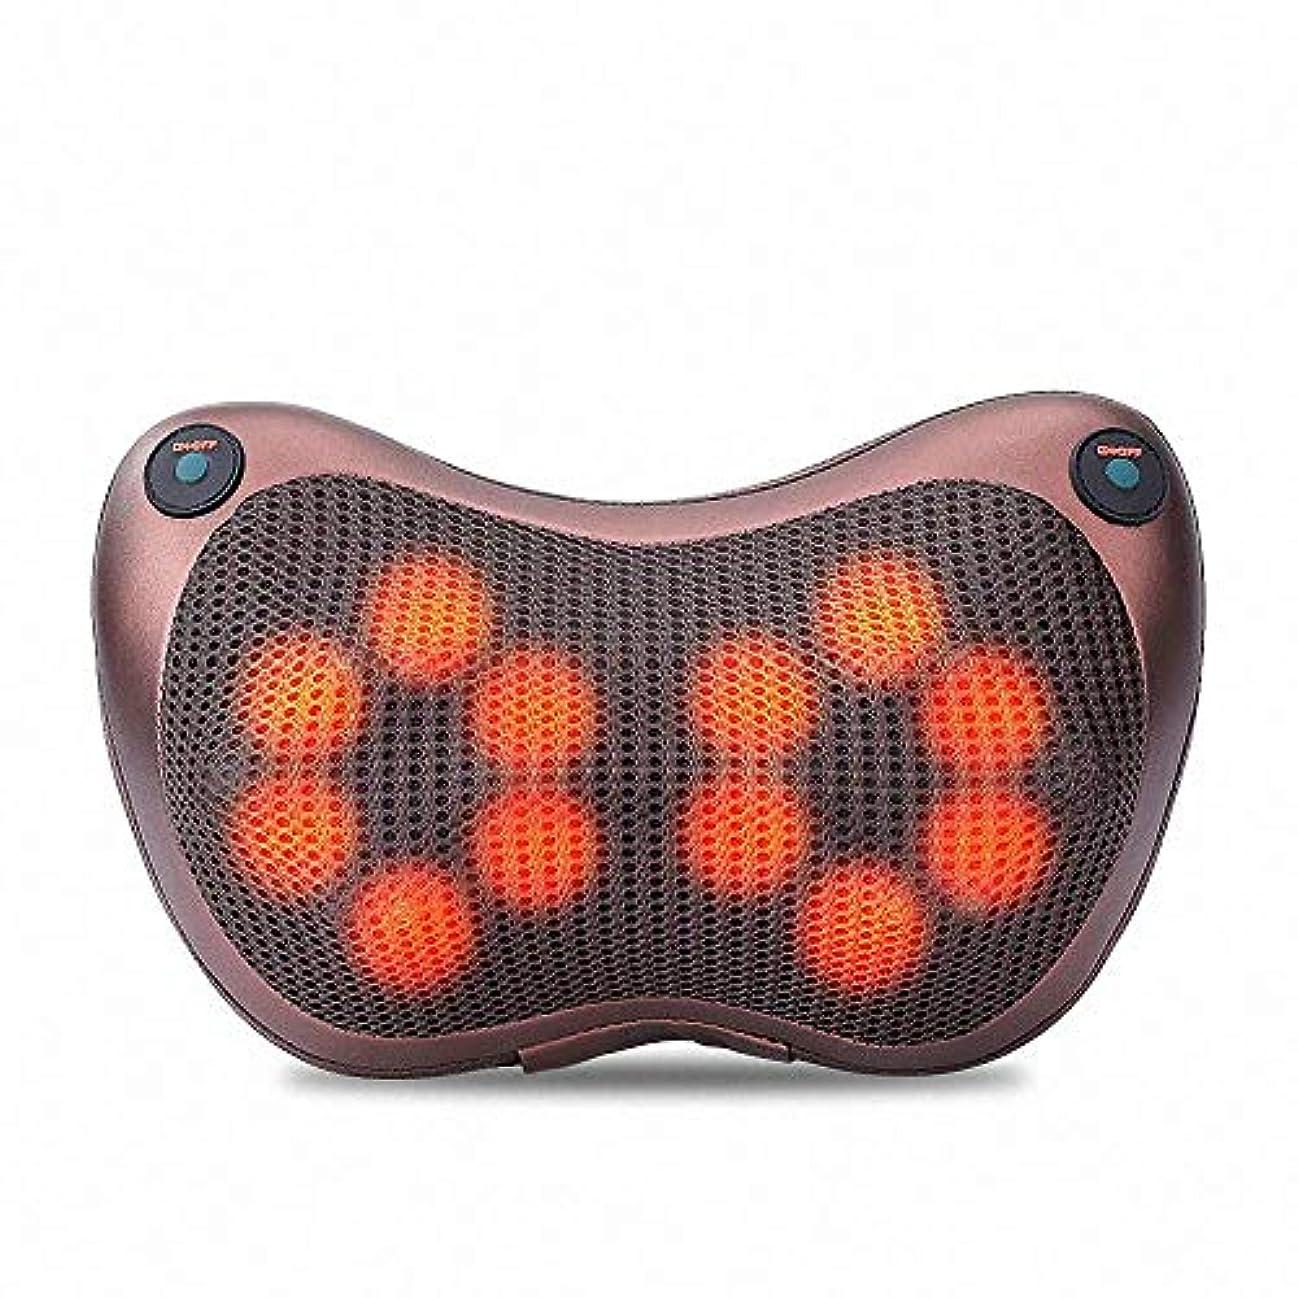 フェリーリーズあまりにも12球マッサージ枕3D肩首マッサージャー正転&反転電動 赤外線療法ストレス解消マッサージクッション